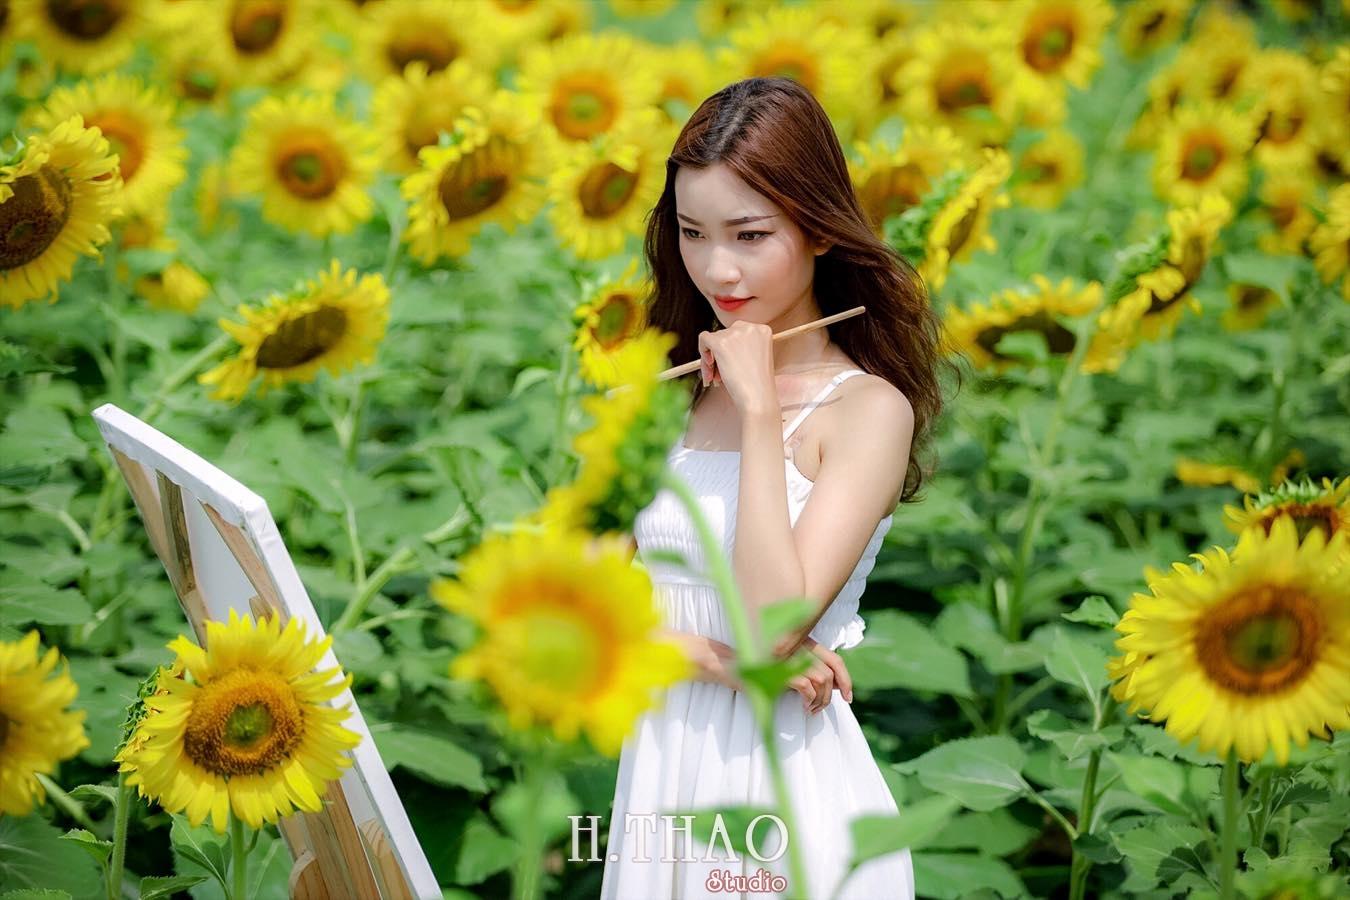 hoa huong duong 3 - Cánh đồng hoa hướng dương tuyệt đẹp giữa Sài Gòn